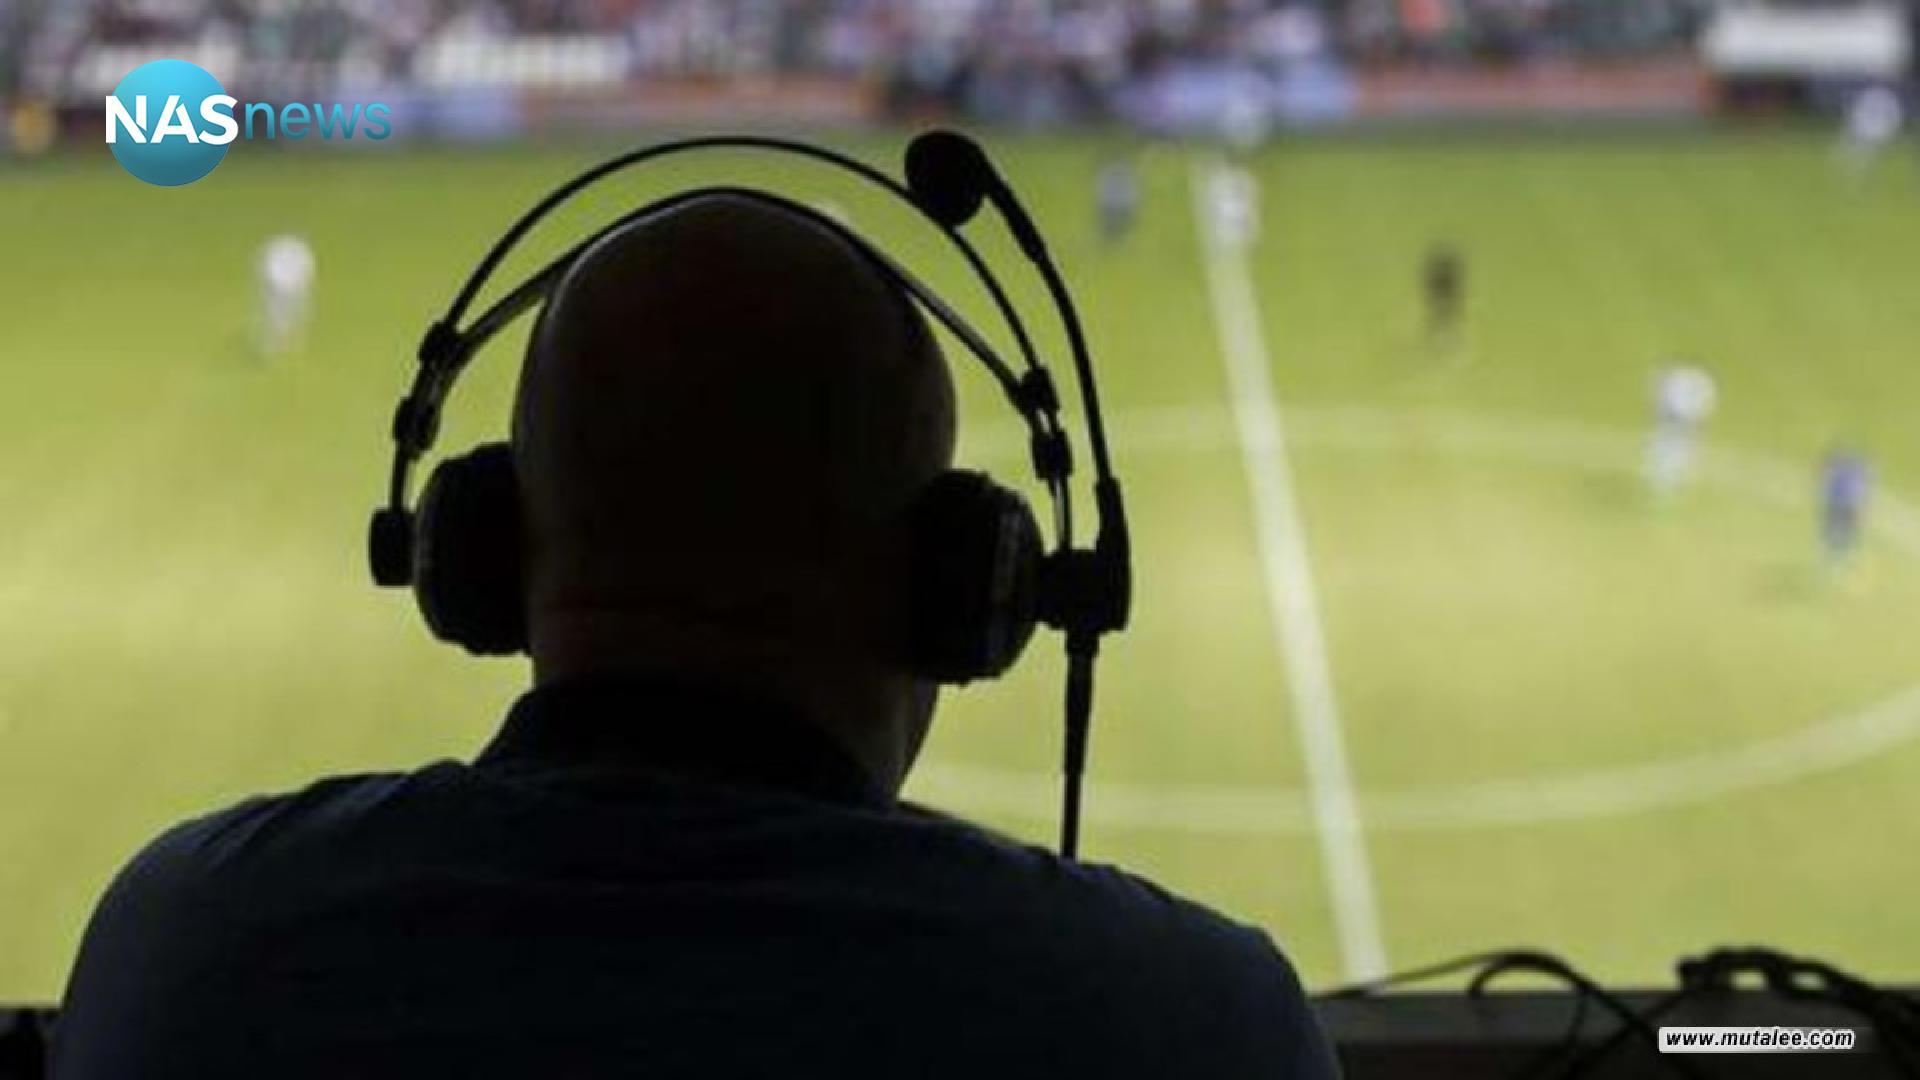 طلب 'بيرة' على الهواء.. فيديو لمعلق رياضي تونسي يثير تفاعلاً على منصات التواصل